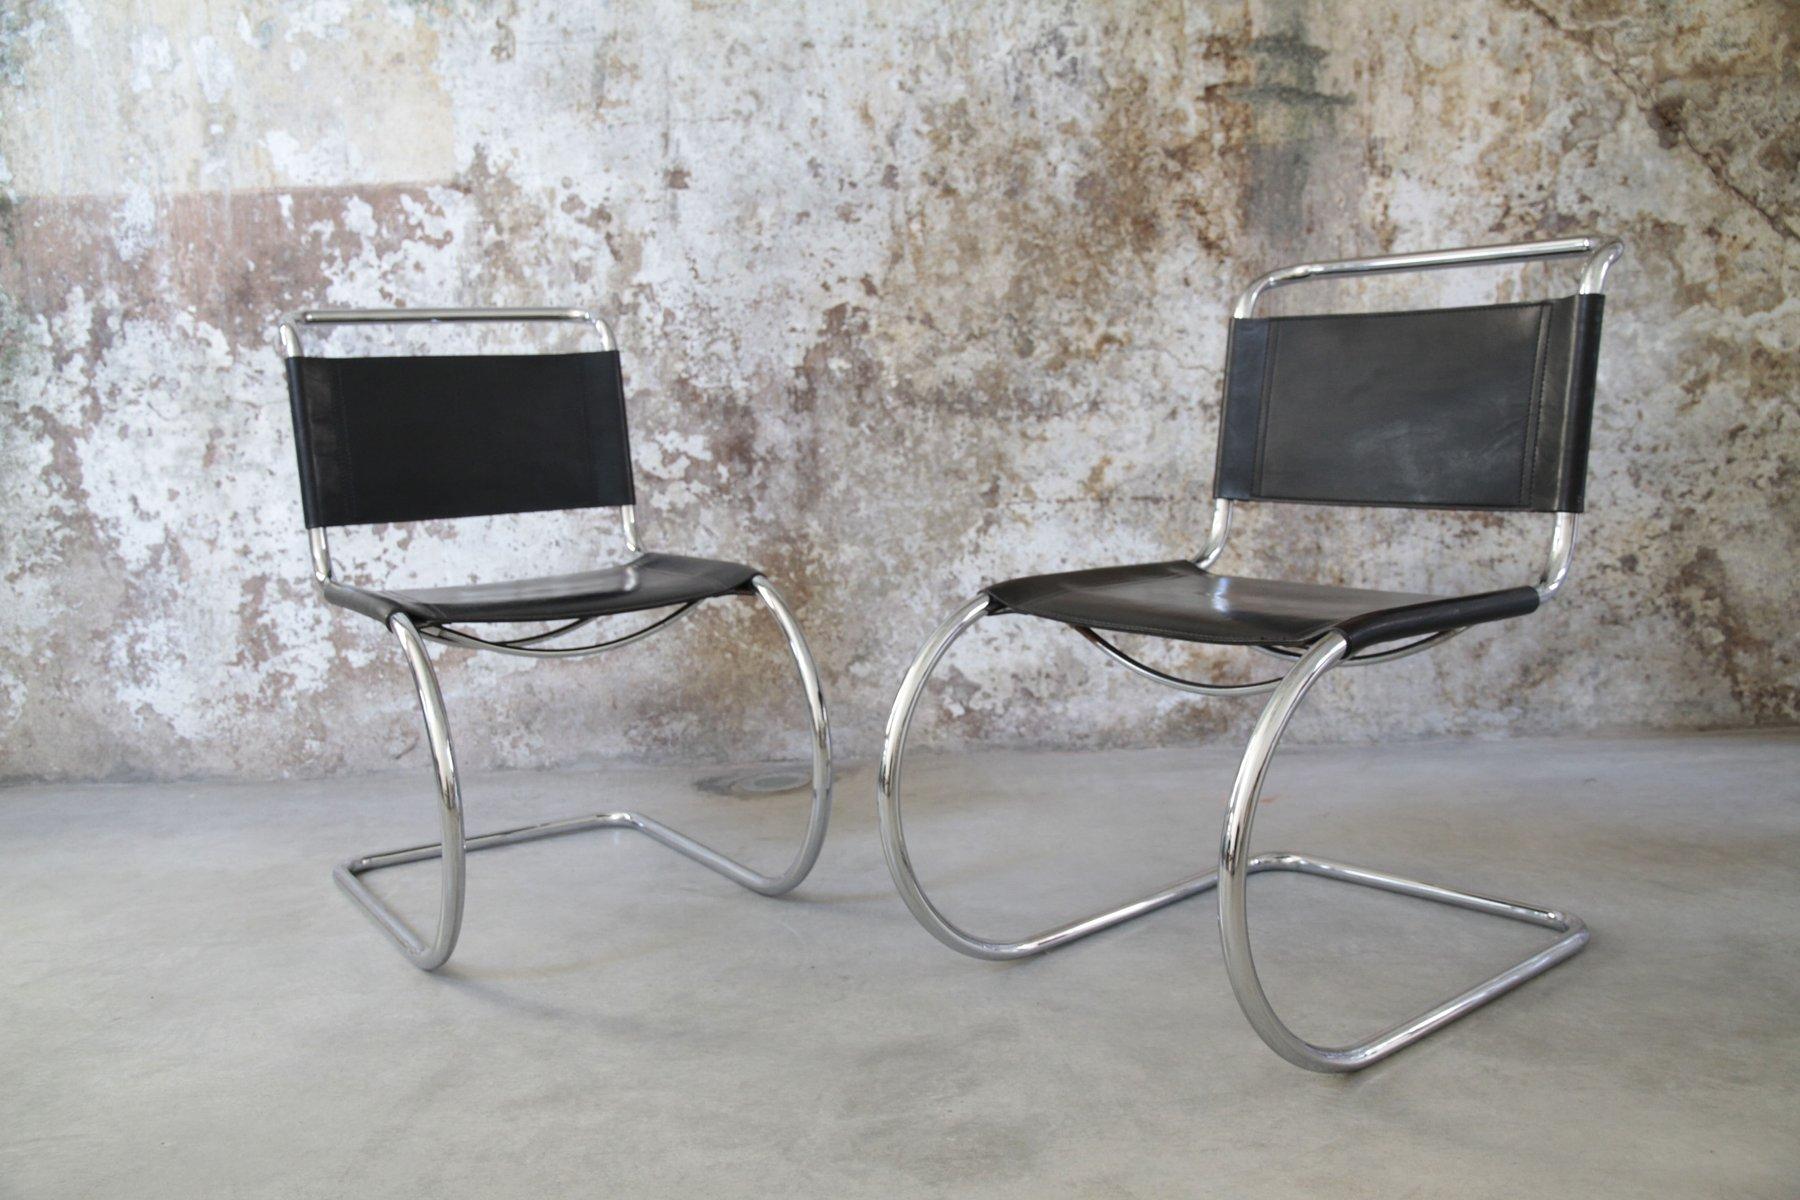 vintage mr 10 stuhl aus stahlrohr von ludwig mies van der rohe bei pamono kaufen. Black Bedroom Furniture Sets. Home Design Ideas